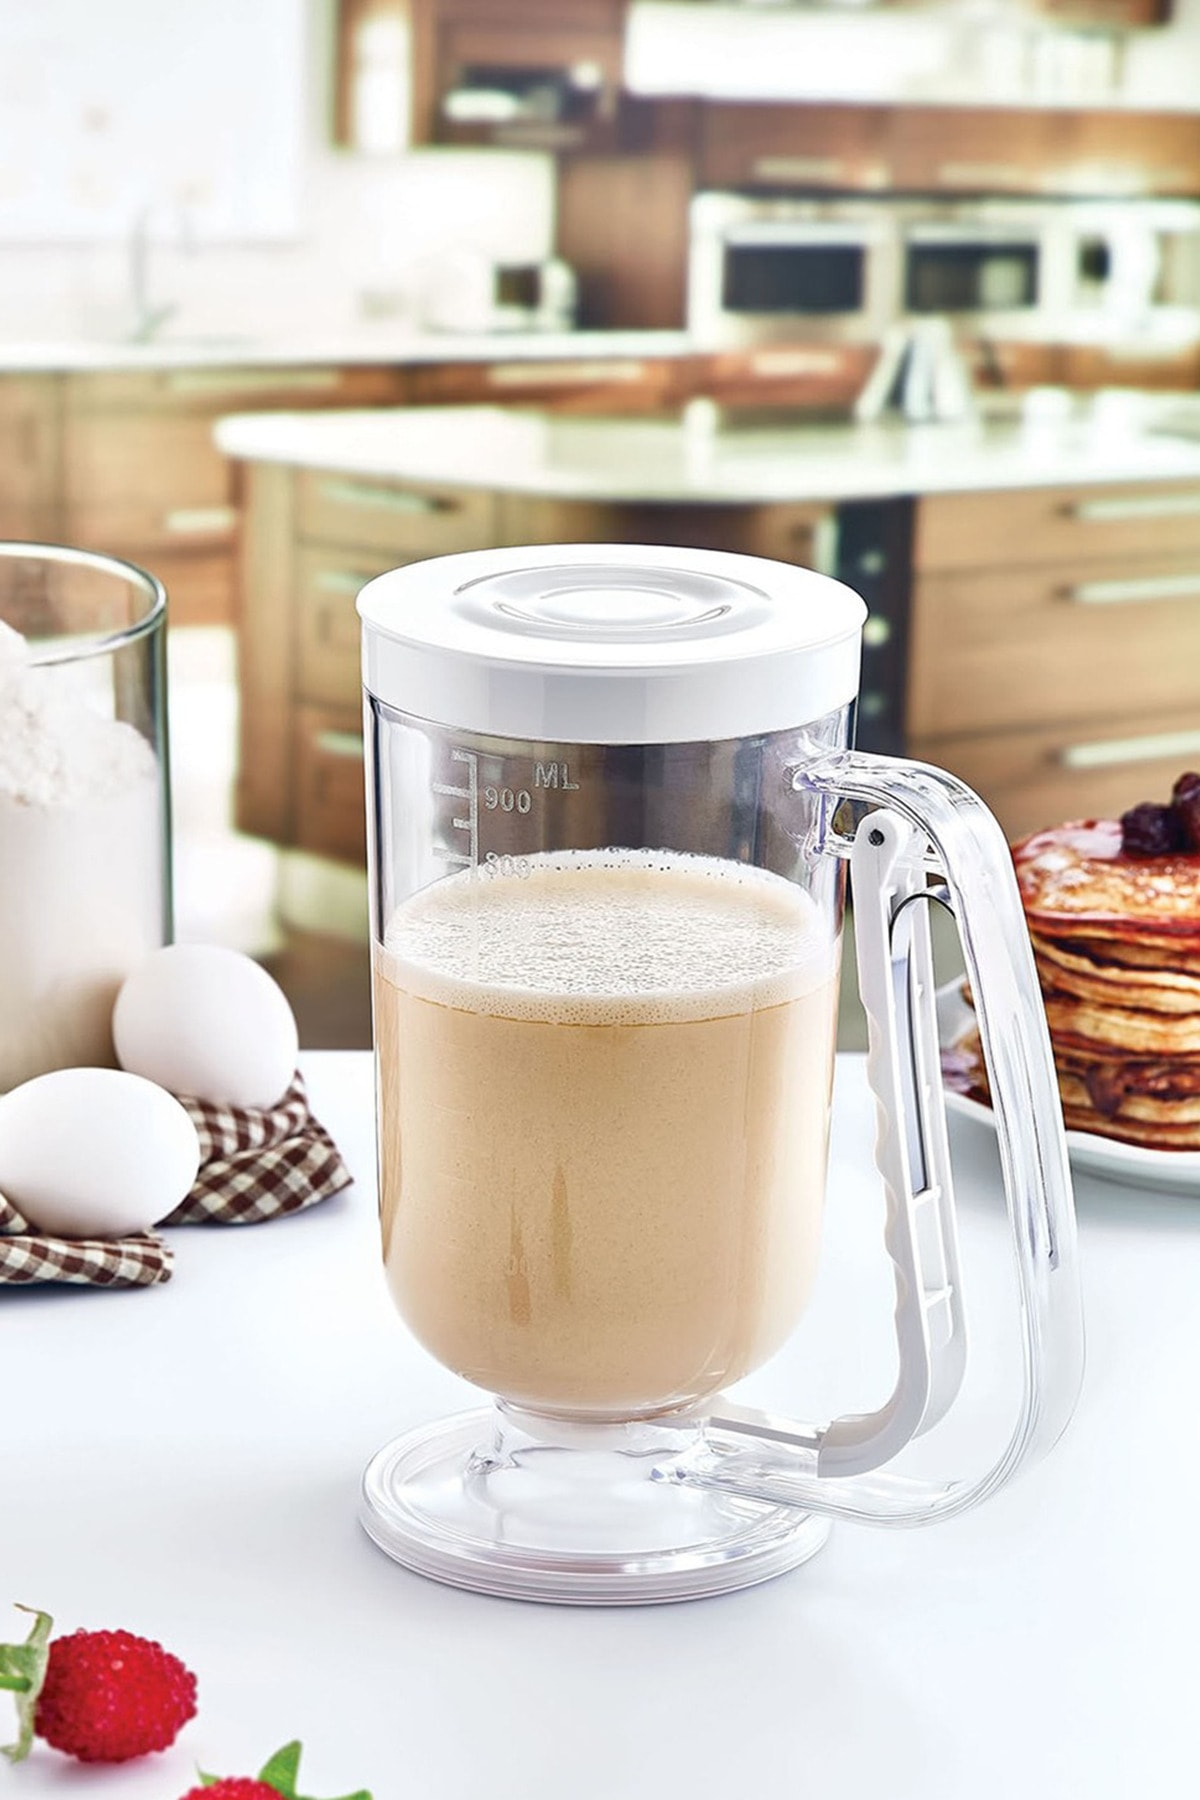 Arsimo Pratik Hamur Dağıtıcı Pancake Krep Muffin Kolay Akıtma Kabı 2